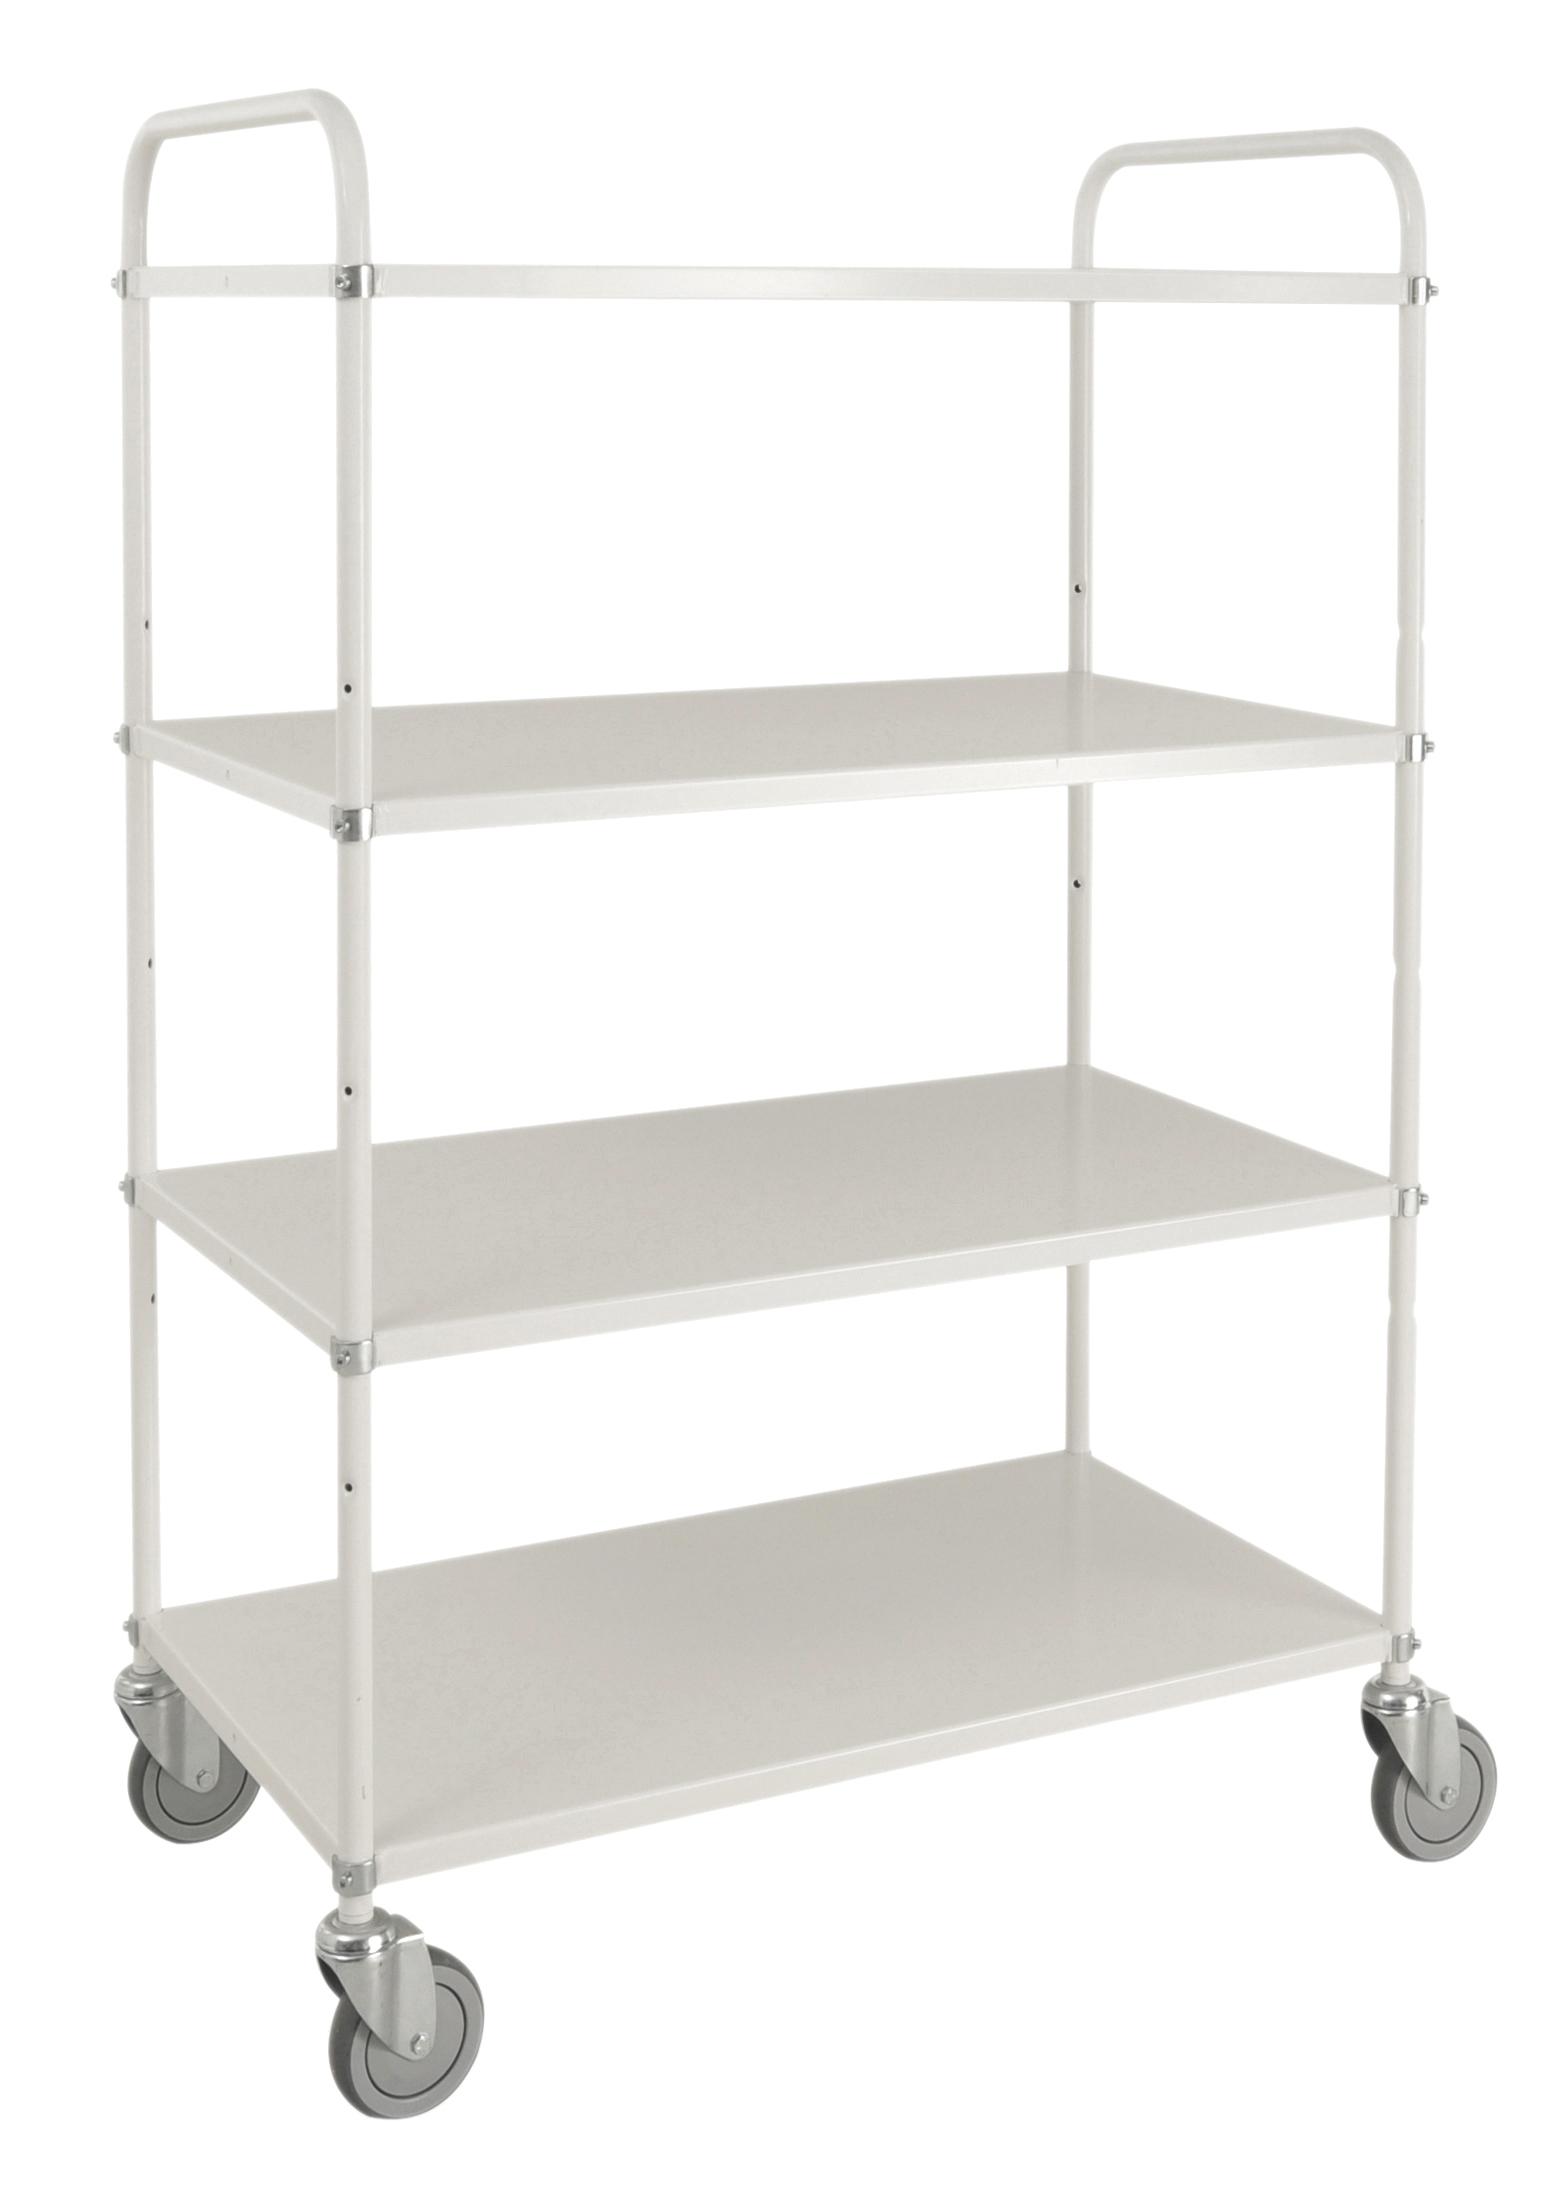 Light shelf trolley KM4125